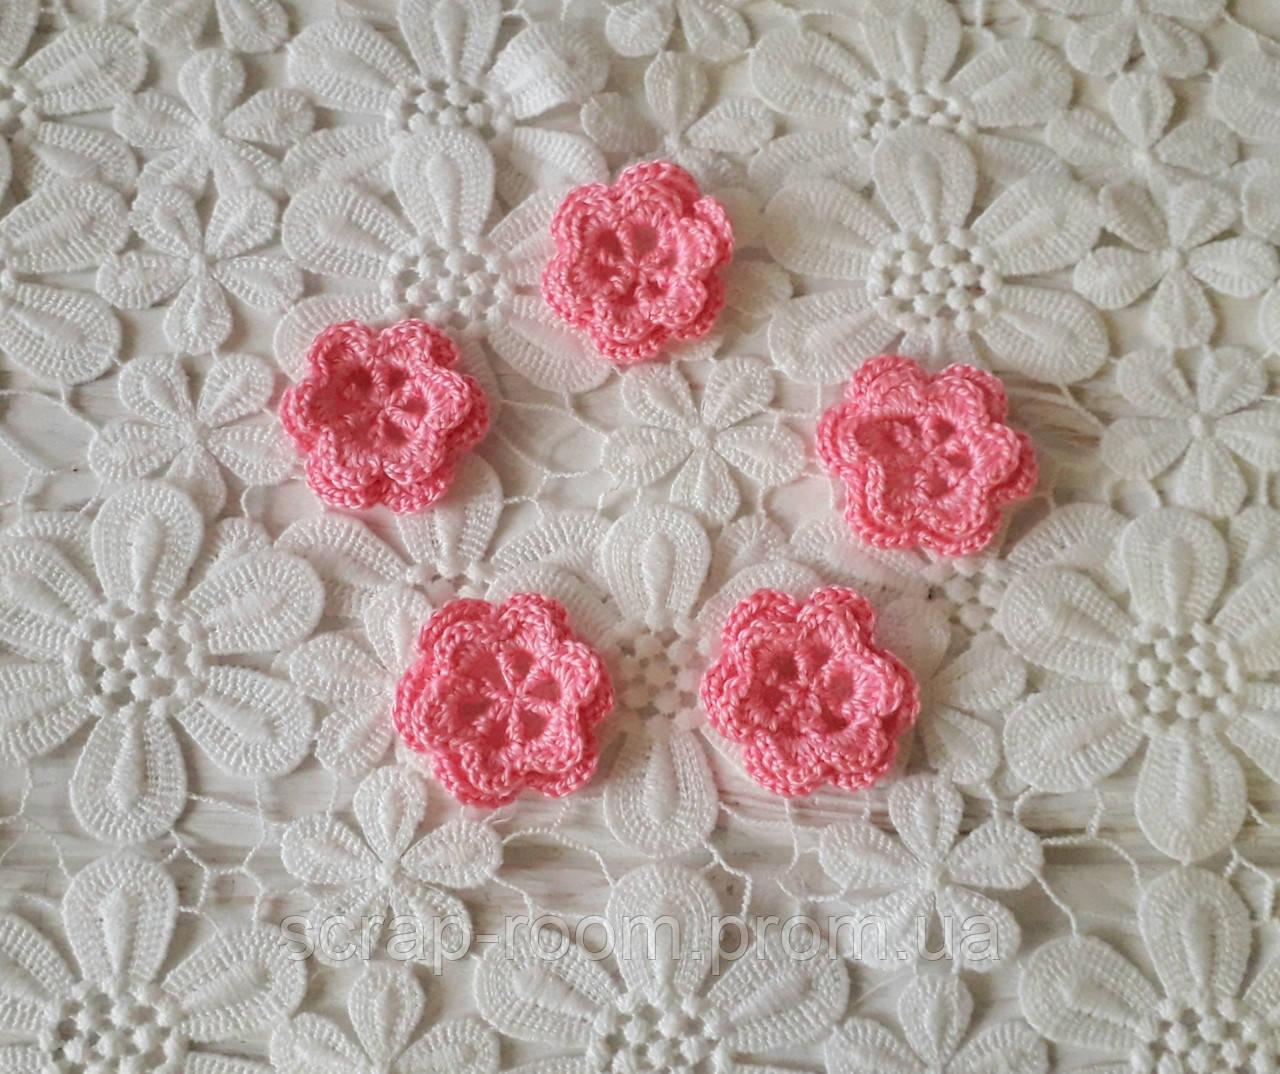 Вязаный цветок ярко-розовый двухслойный, вязаный цветок 3,5 см, цветок вязаный ярко-розовый ручная работа.